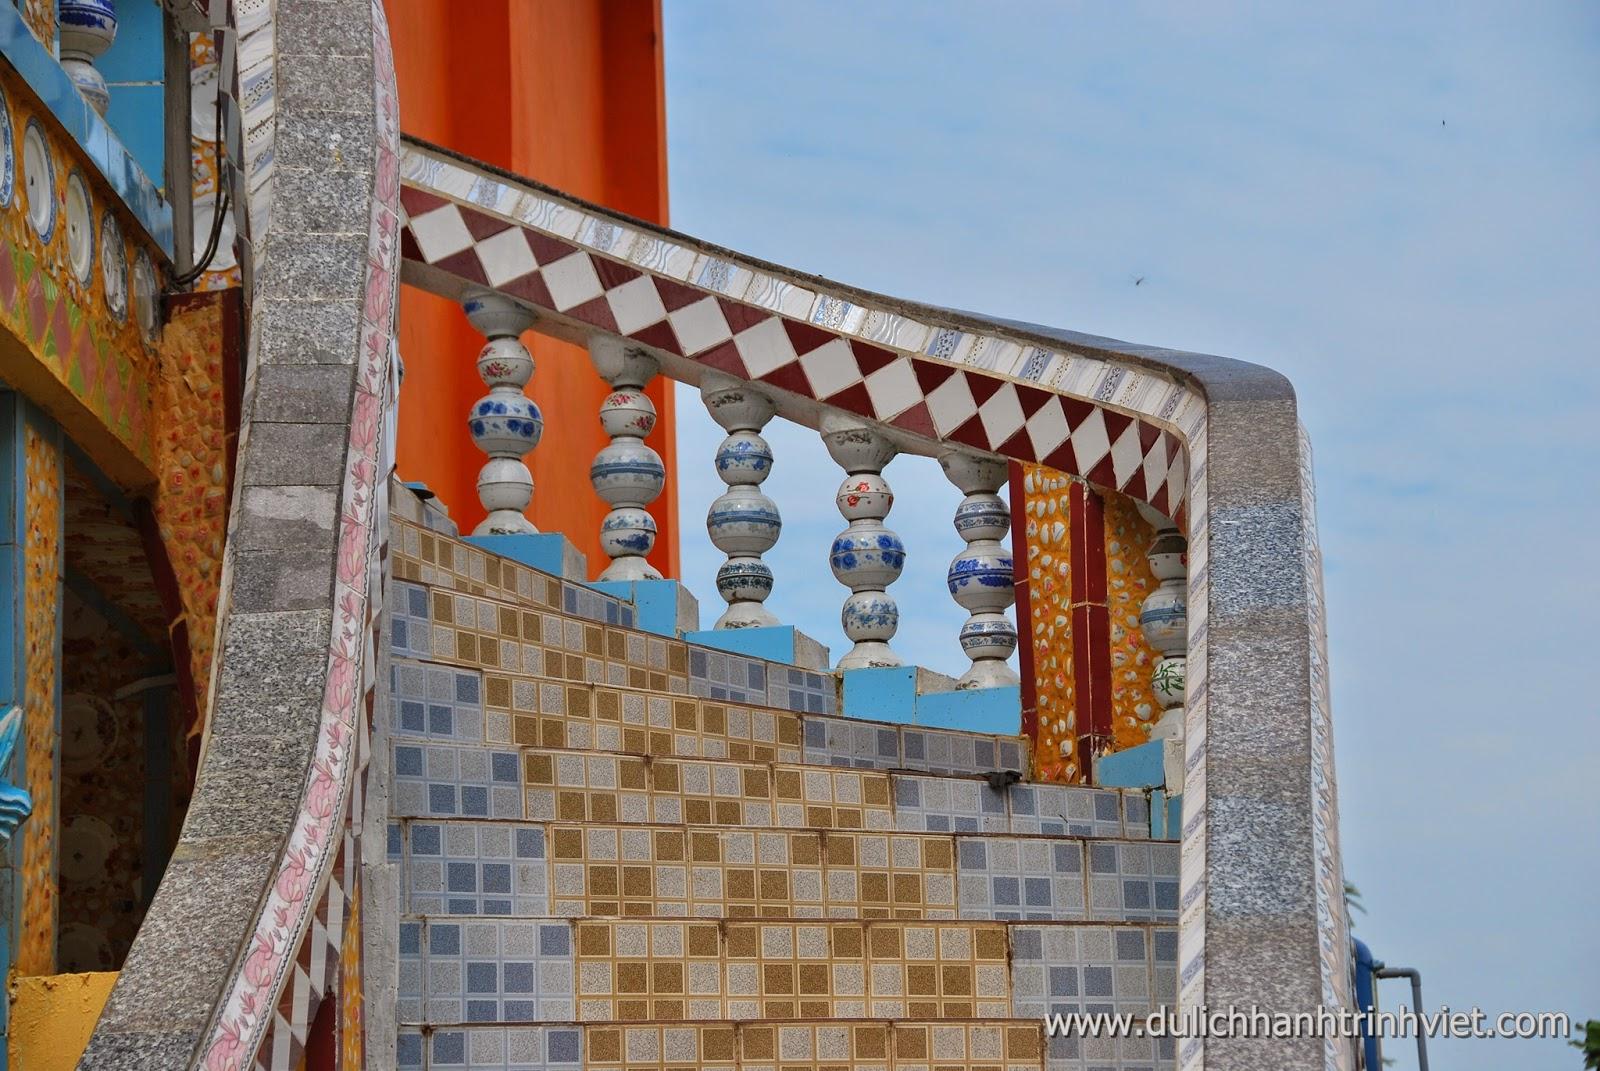 Viếng chùa Chén Kiểu ở Sóc Trăng